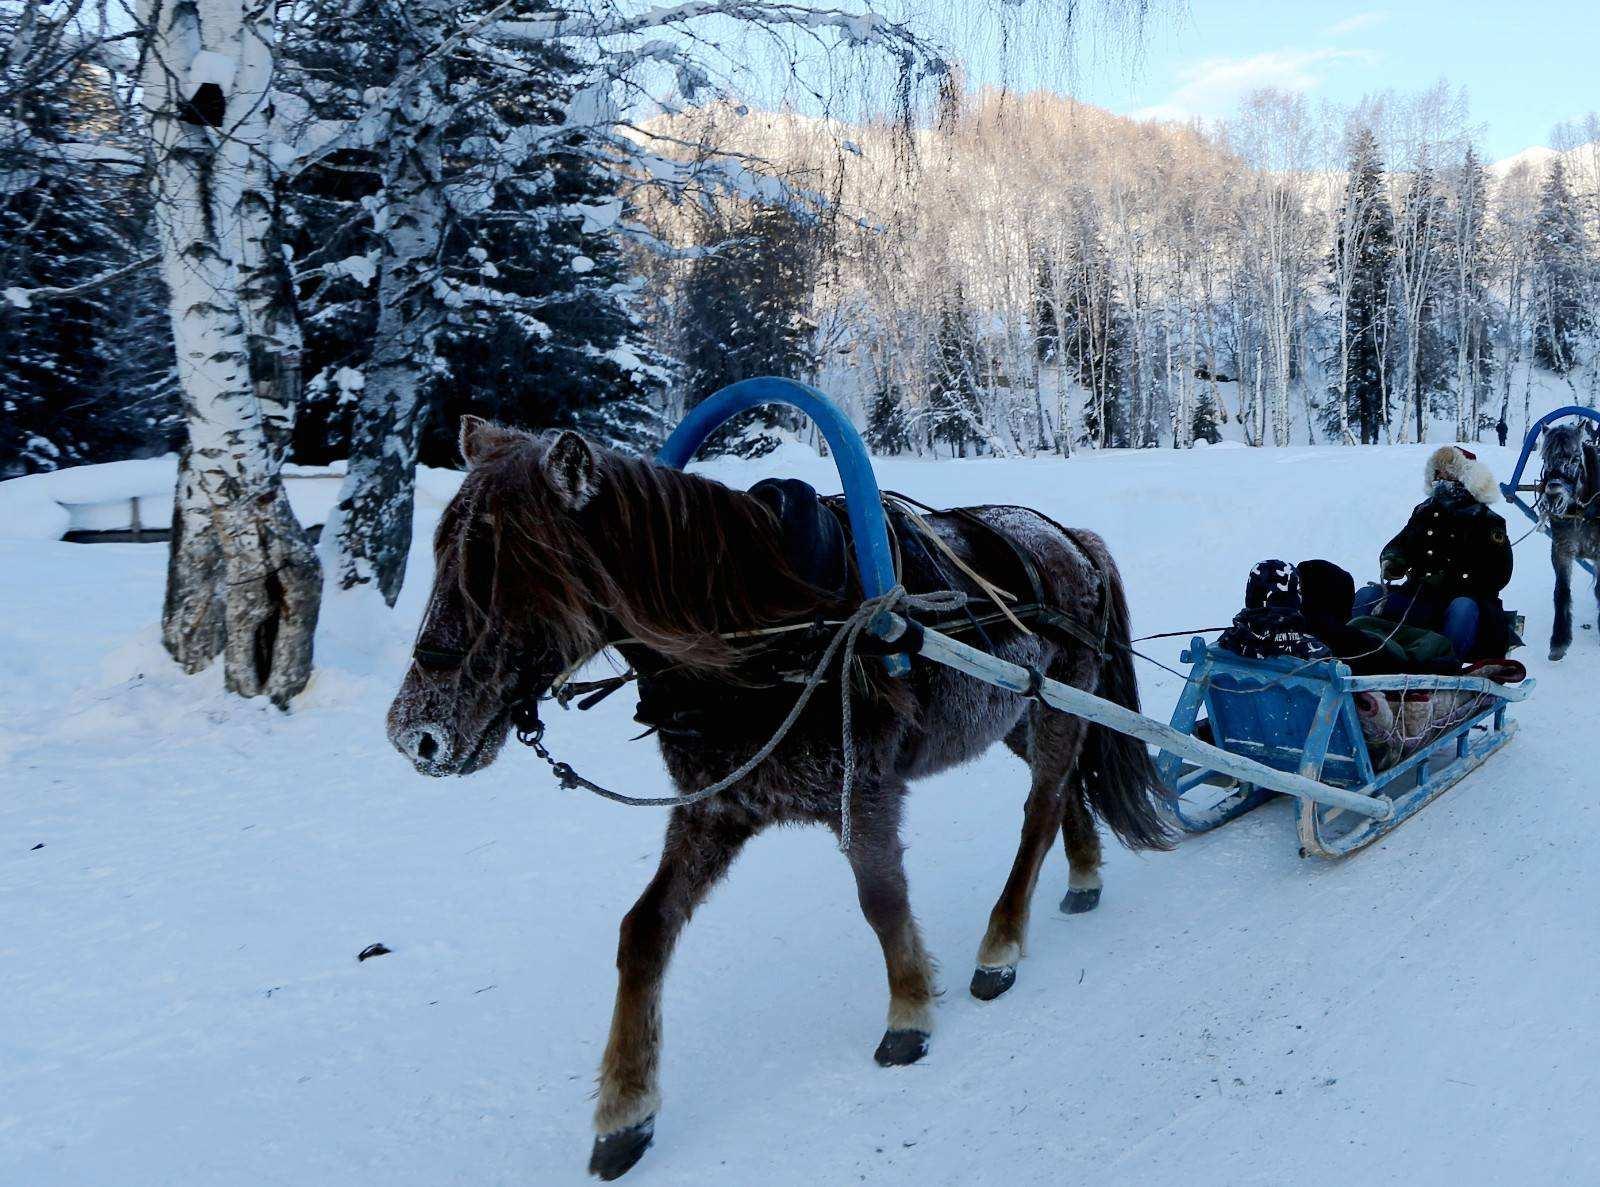 禾木马拉雪橇登观景平台